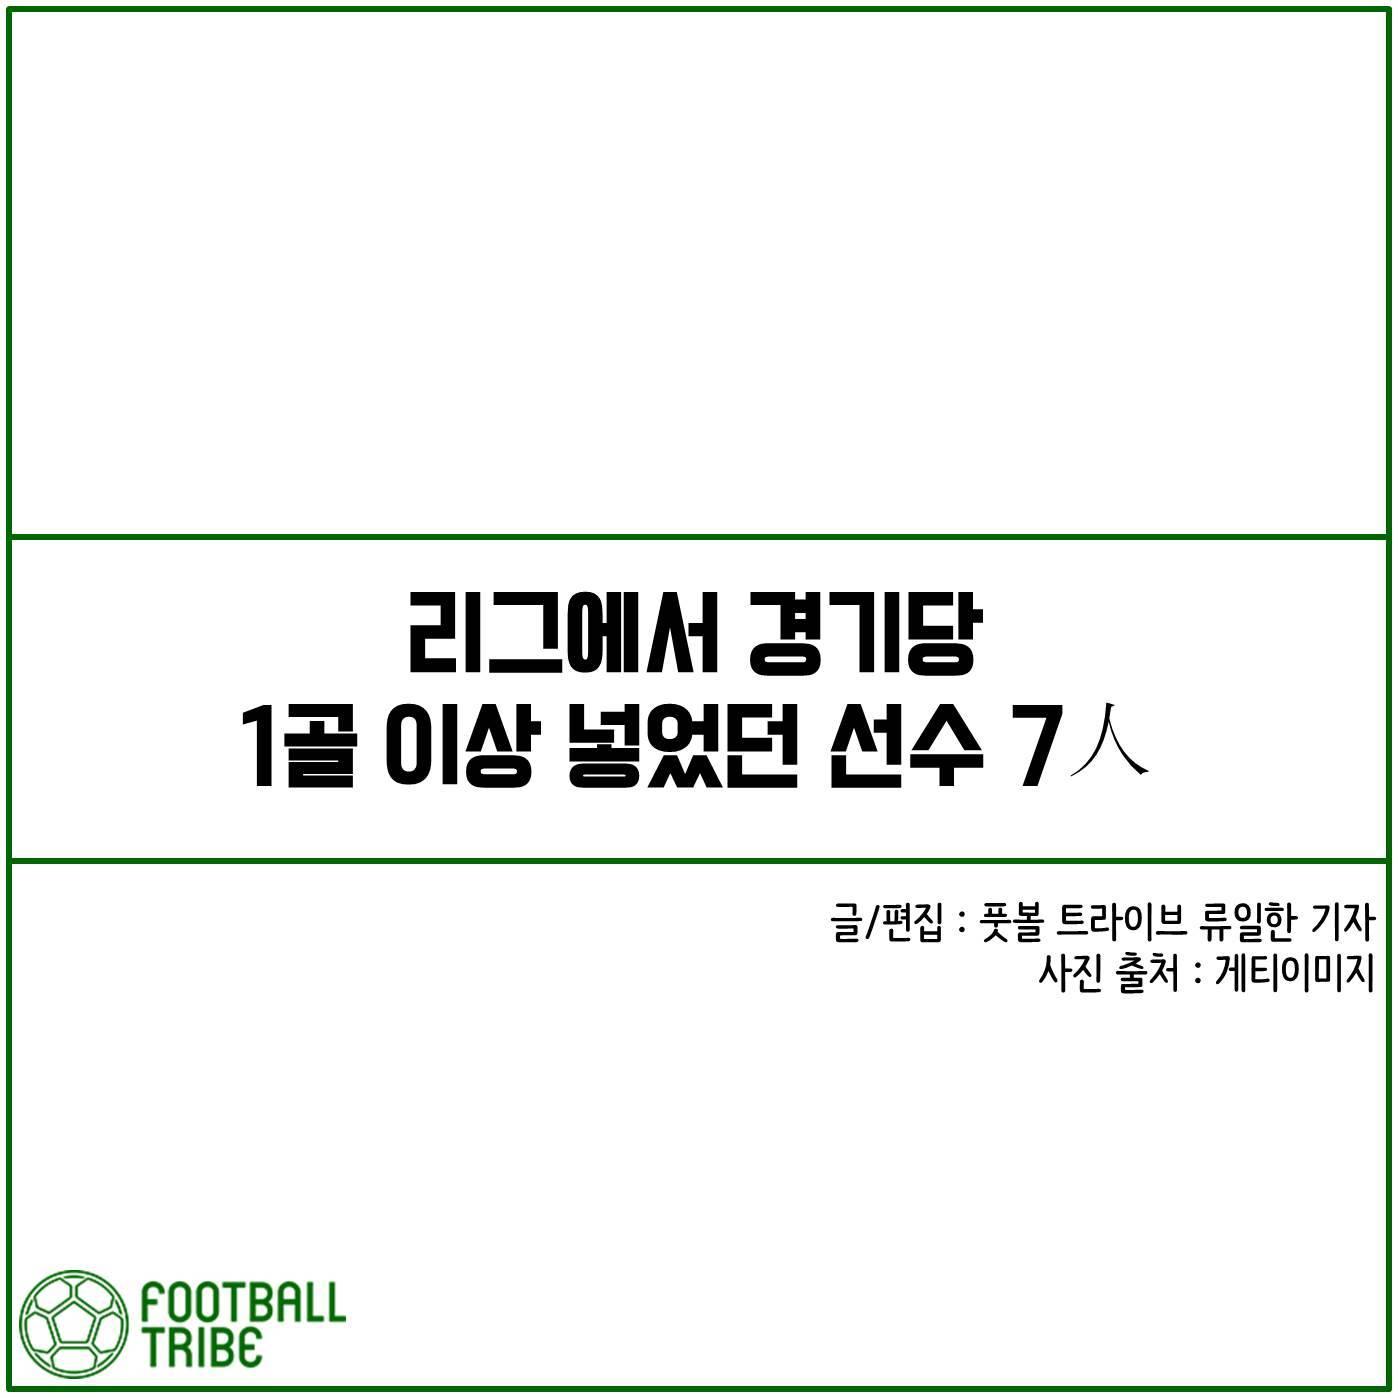 [카드 뉴스] 리그에서 경기당 1골 이상 넣었던 선수 7人